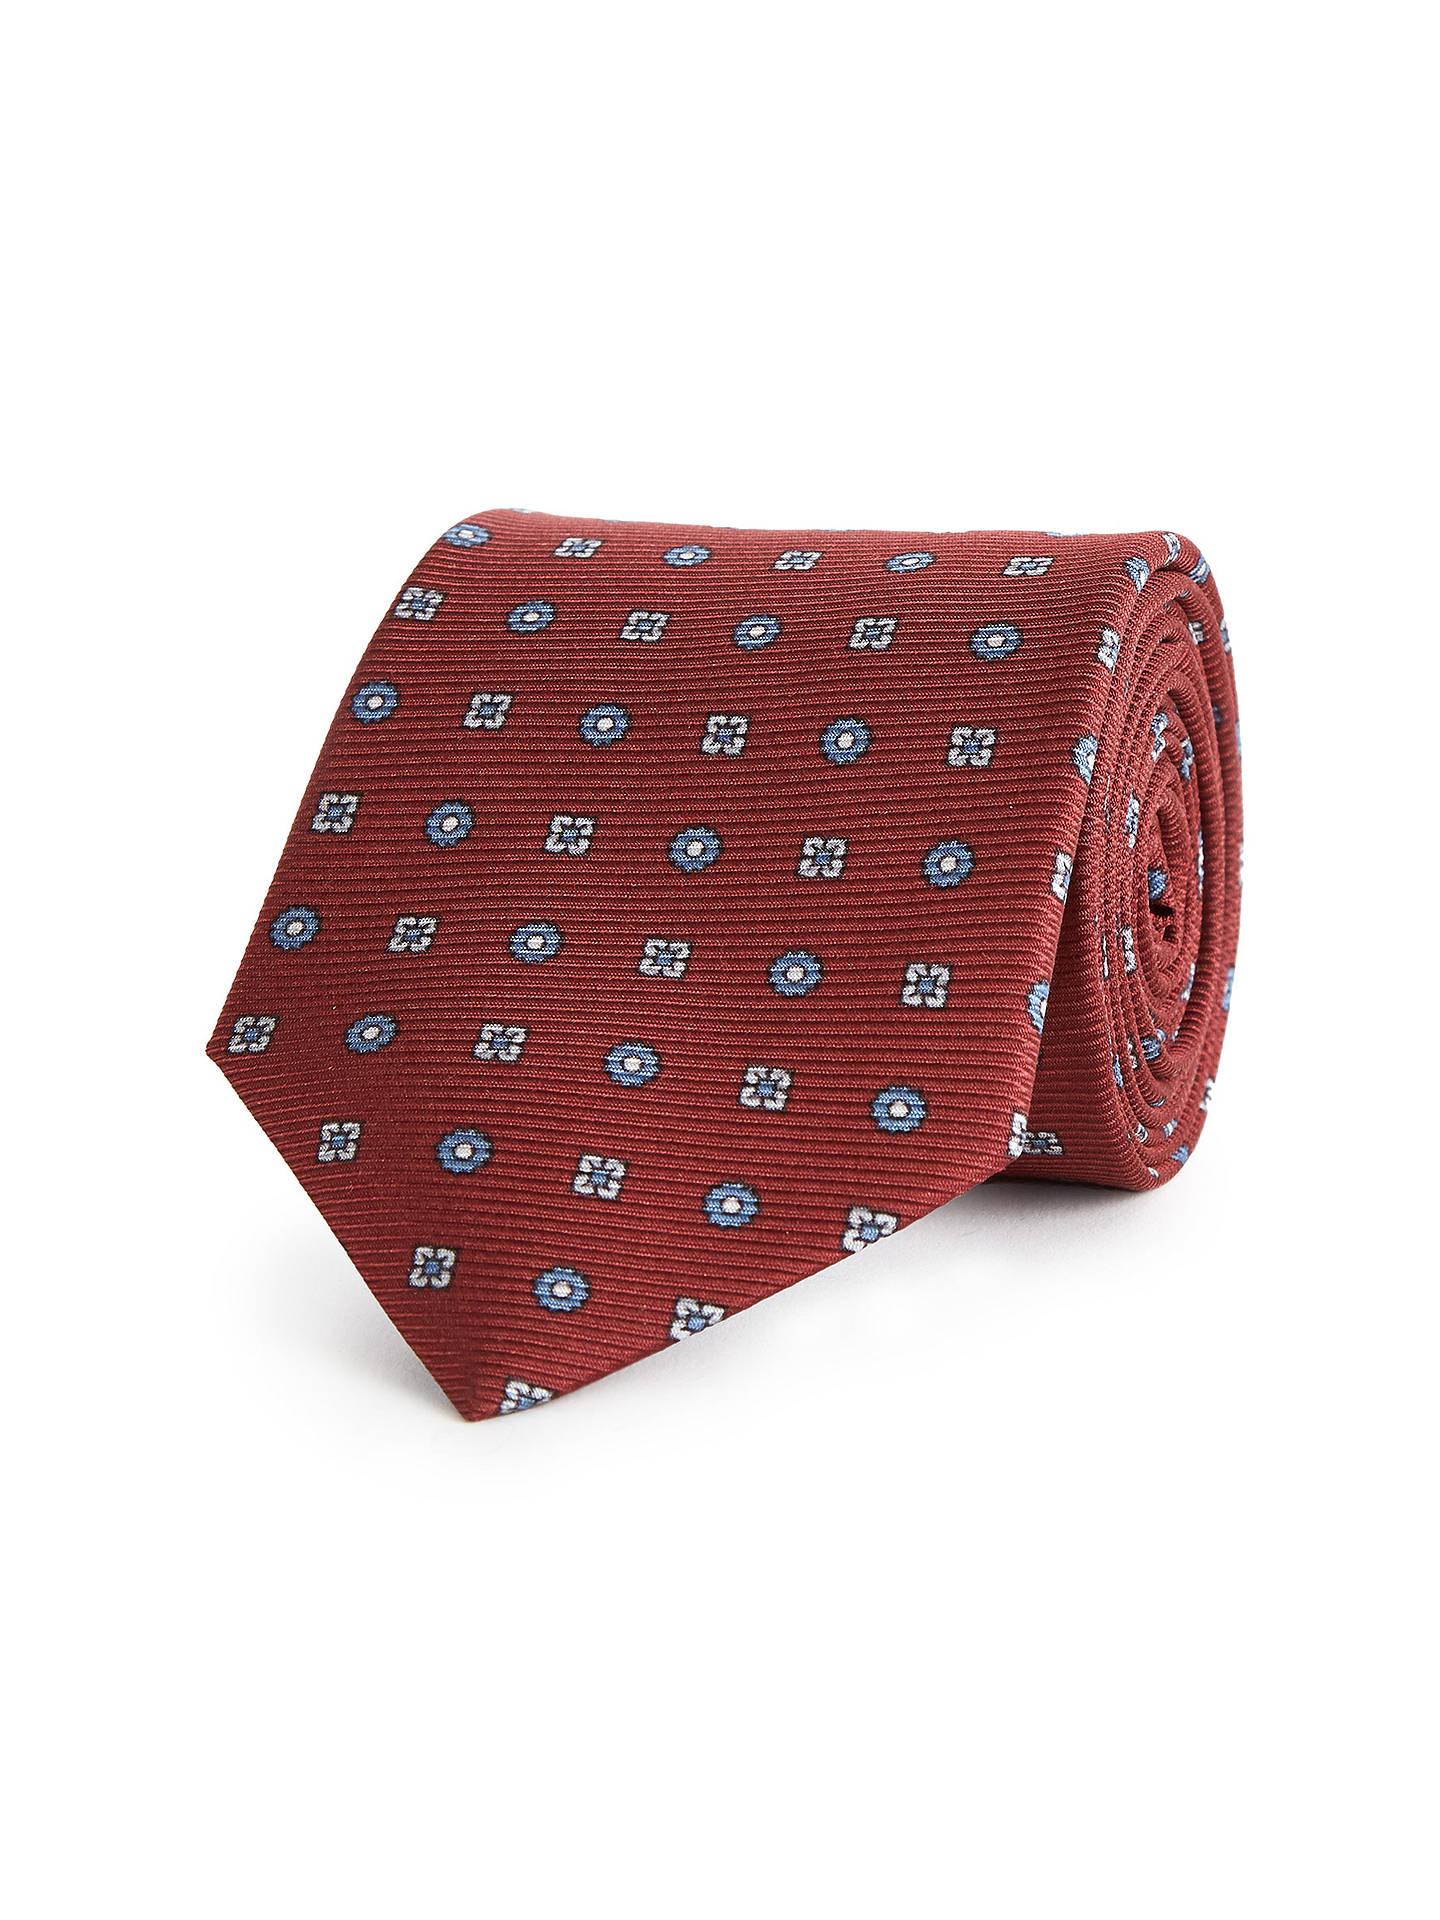 48a54ed84cbe Buy Reiss Noah Floral Silk Tie, Bordeaux Online at johnlewis.com ...